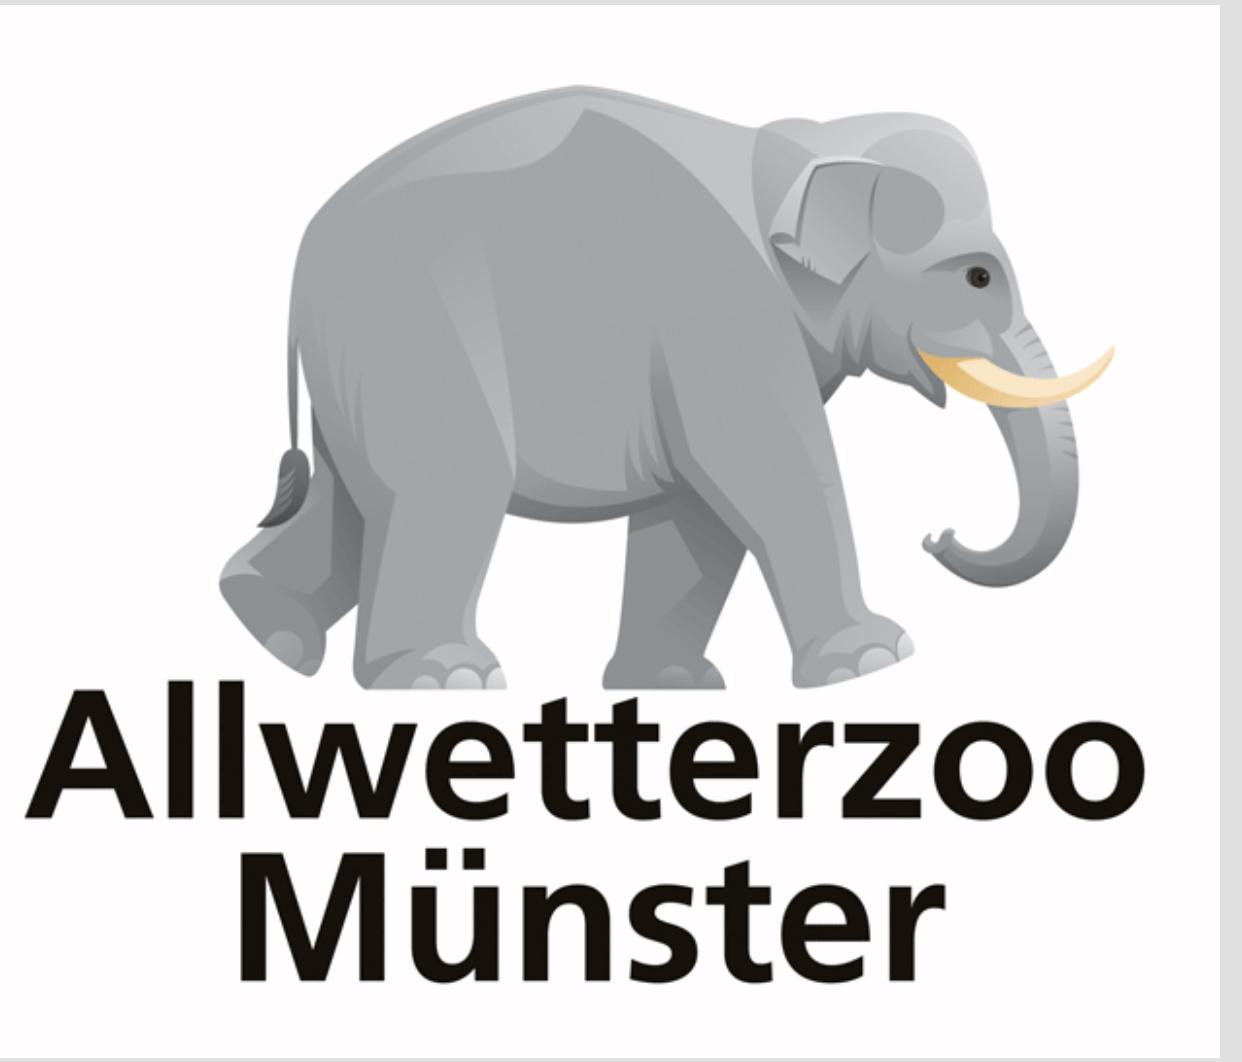 Lokal Münster. Allwetterzoo Familienkarte 3 Monate für 49,- € / Einzelticket 24,- €